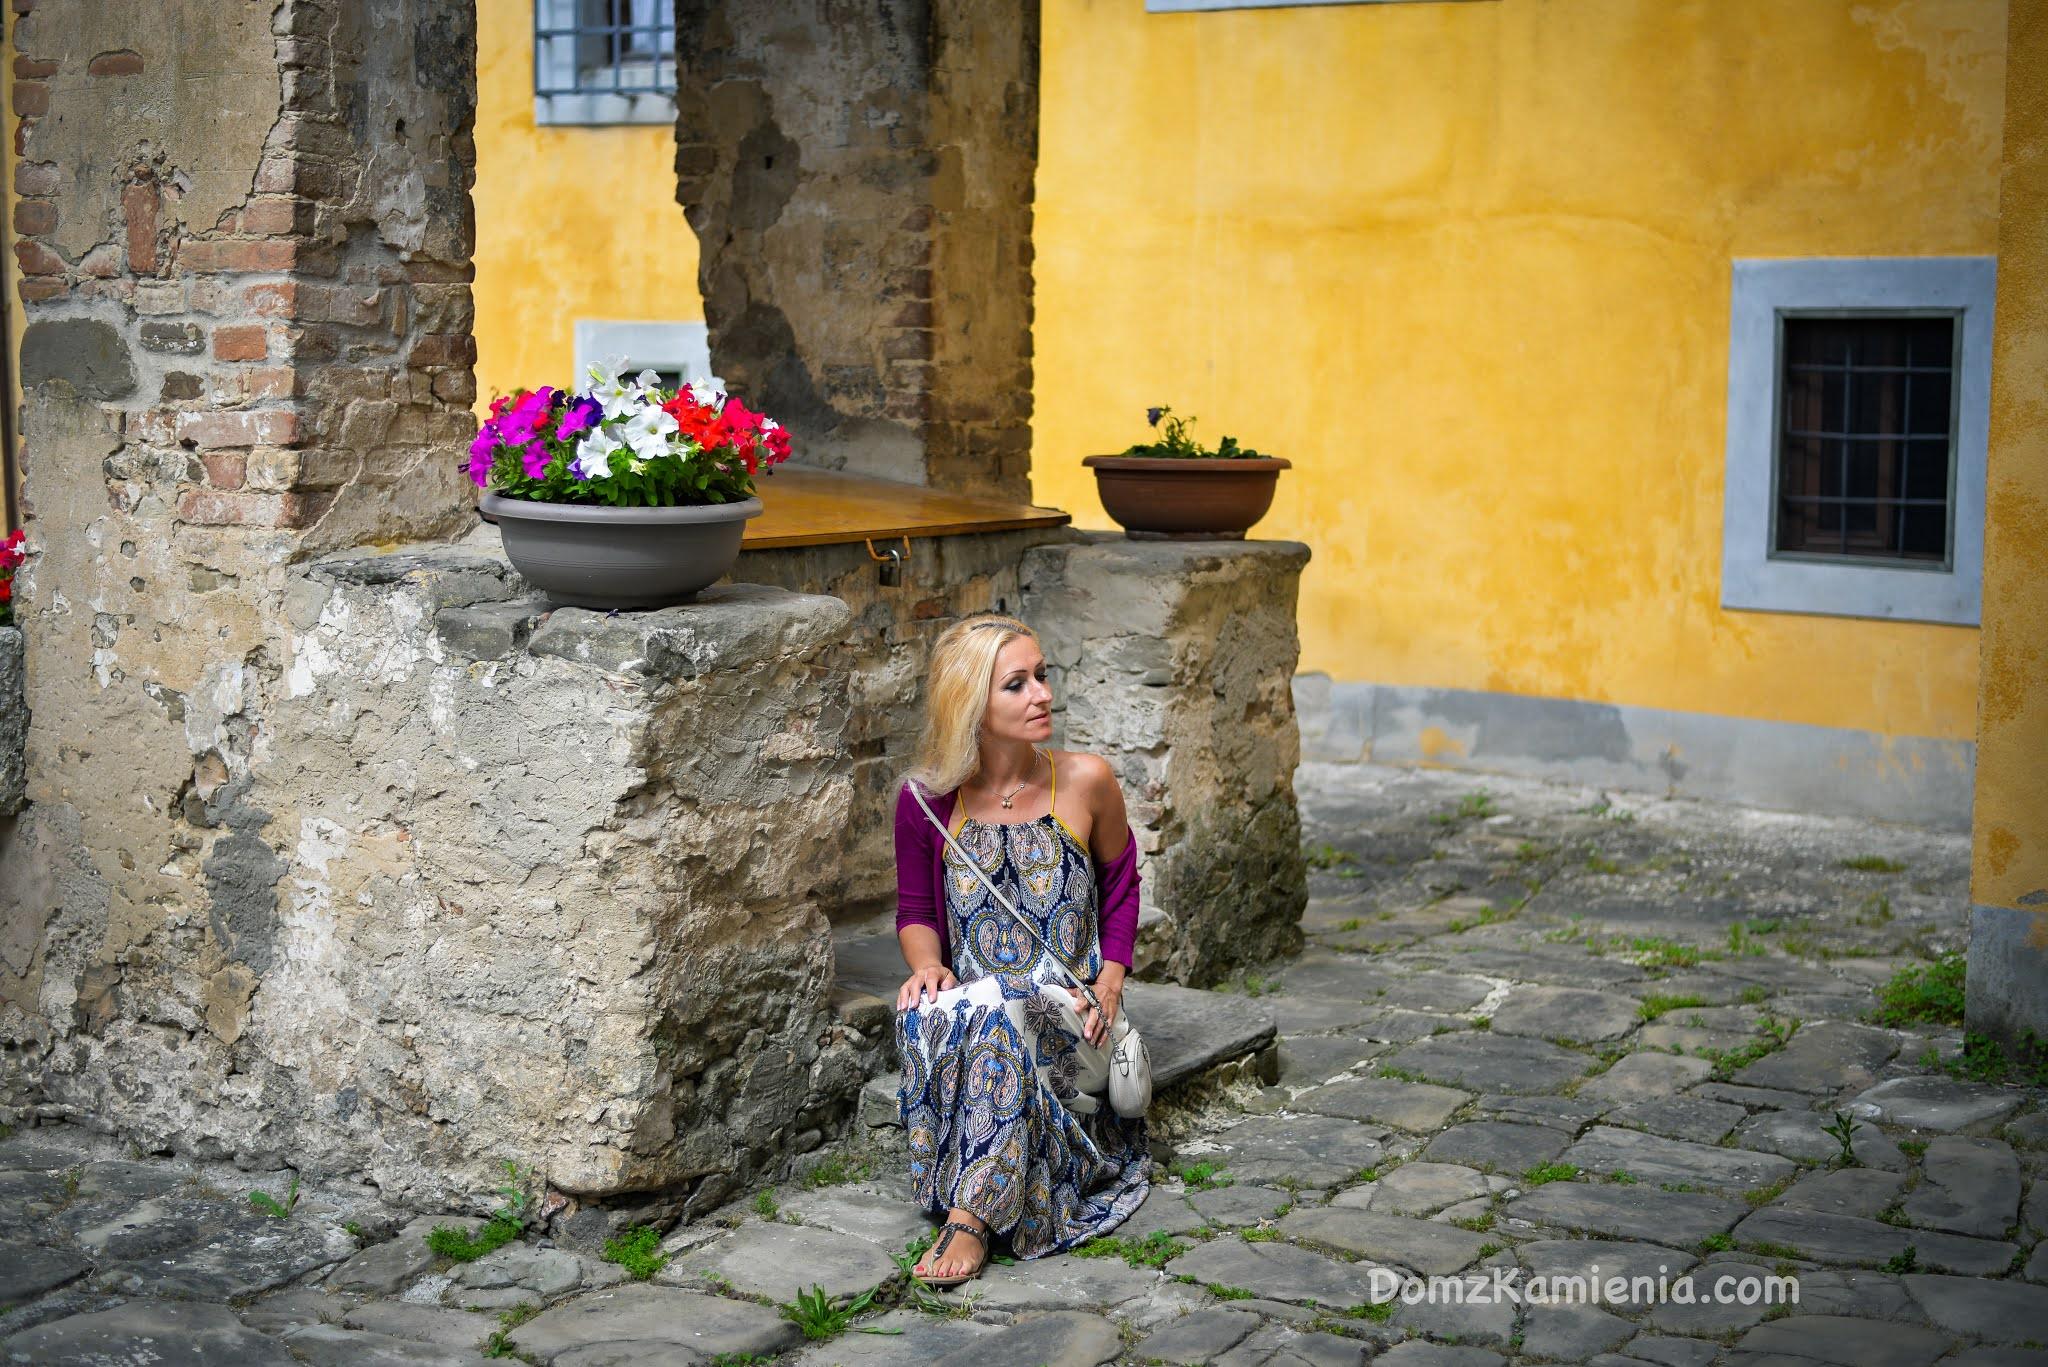 Dom z Kamienia blog, wakacje w Toskanii, Mugello